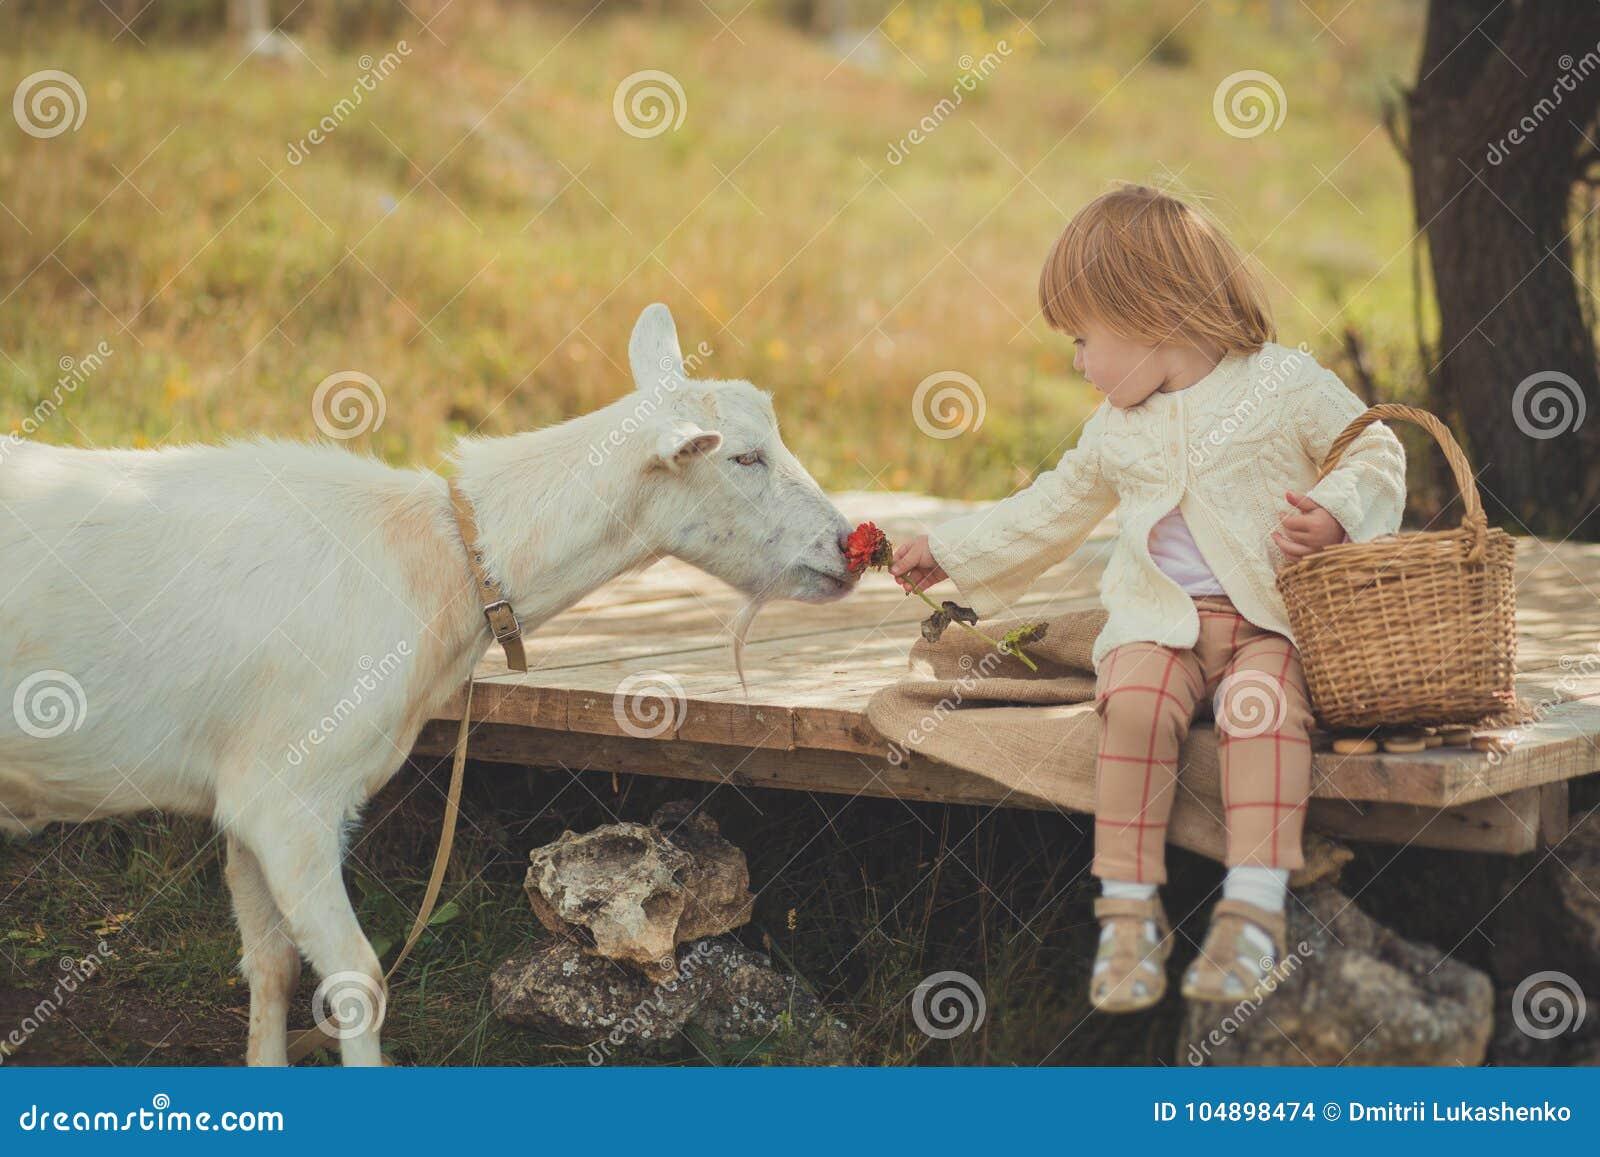 恰好时髦的女孩穿戴在有花费时间的金发的毛线衣在有篮子的村庄哺养动物山羊潜逃的有很多苹果